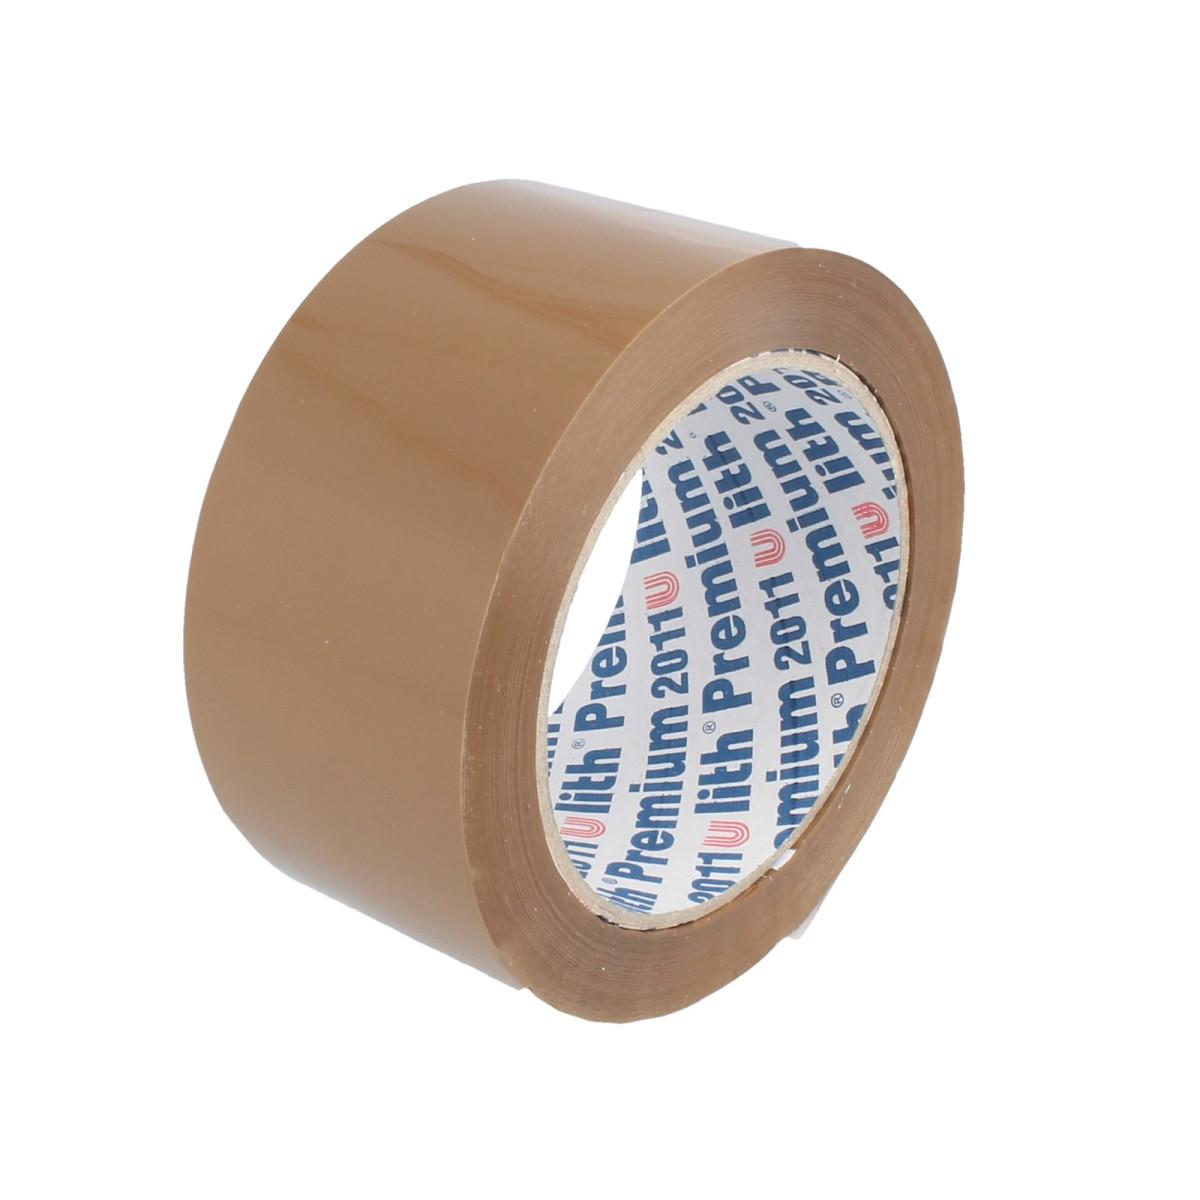 paketklebeband ulith-premium 2011, braun, 50 mm x 66 m, leise abrollb